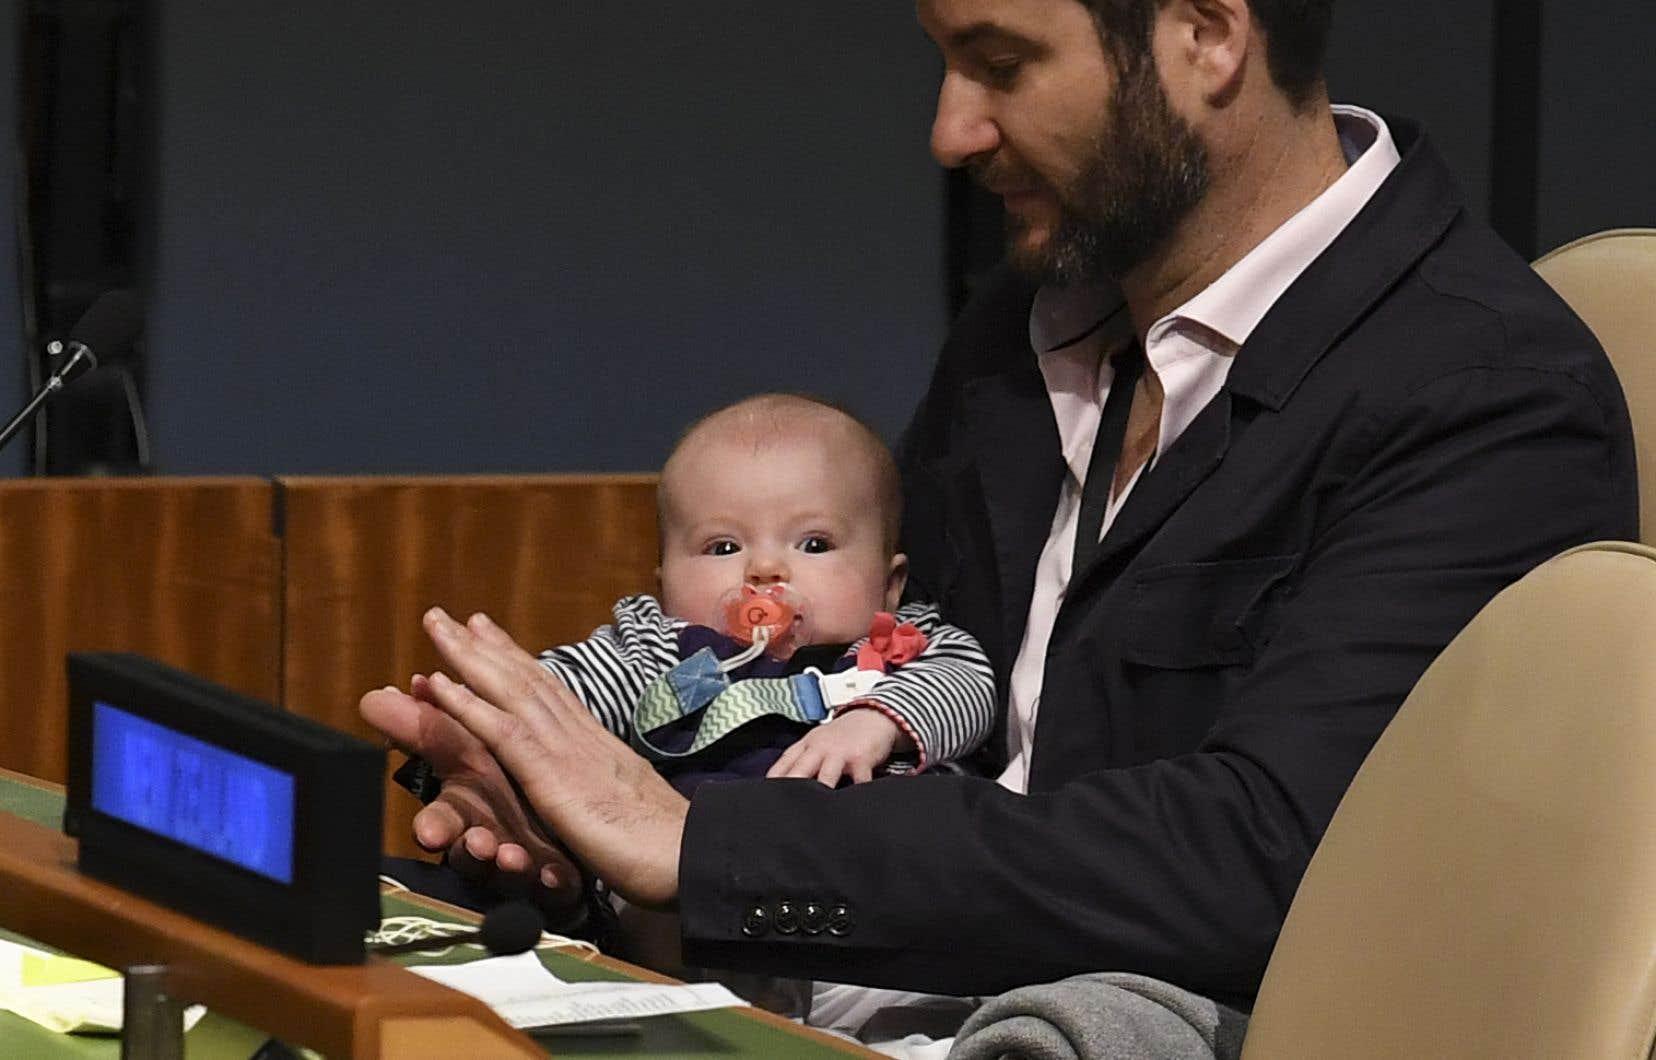 En couple avec l'une des femmes les plus influentes de la planète, la première ministre de la Nouvelle-Zélande Jacinda Arden, Clarke Gayford a pris en charge les soins du nouveau bébé quand la cheffe d'État est retournée au boulot après six semaines de congé de maternité.